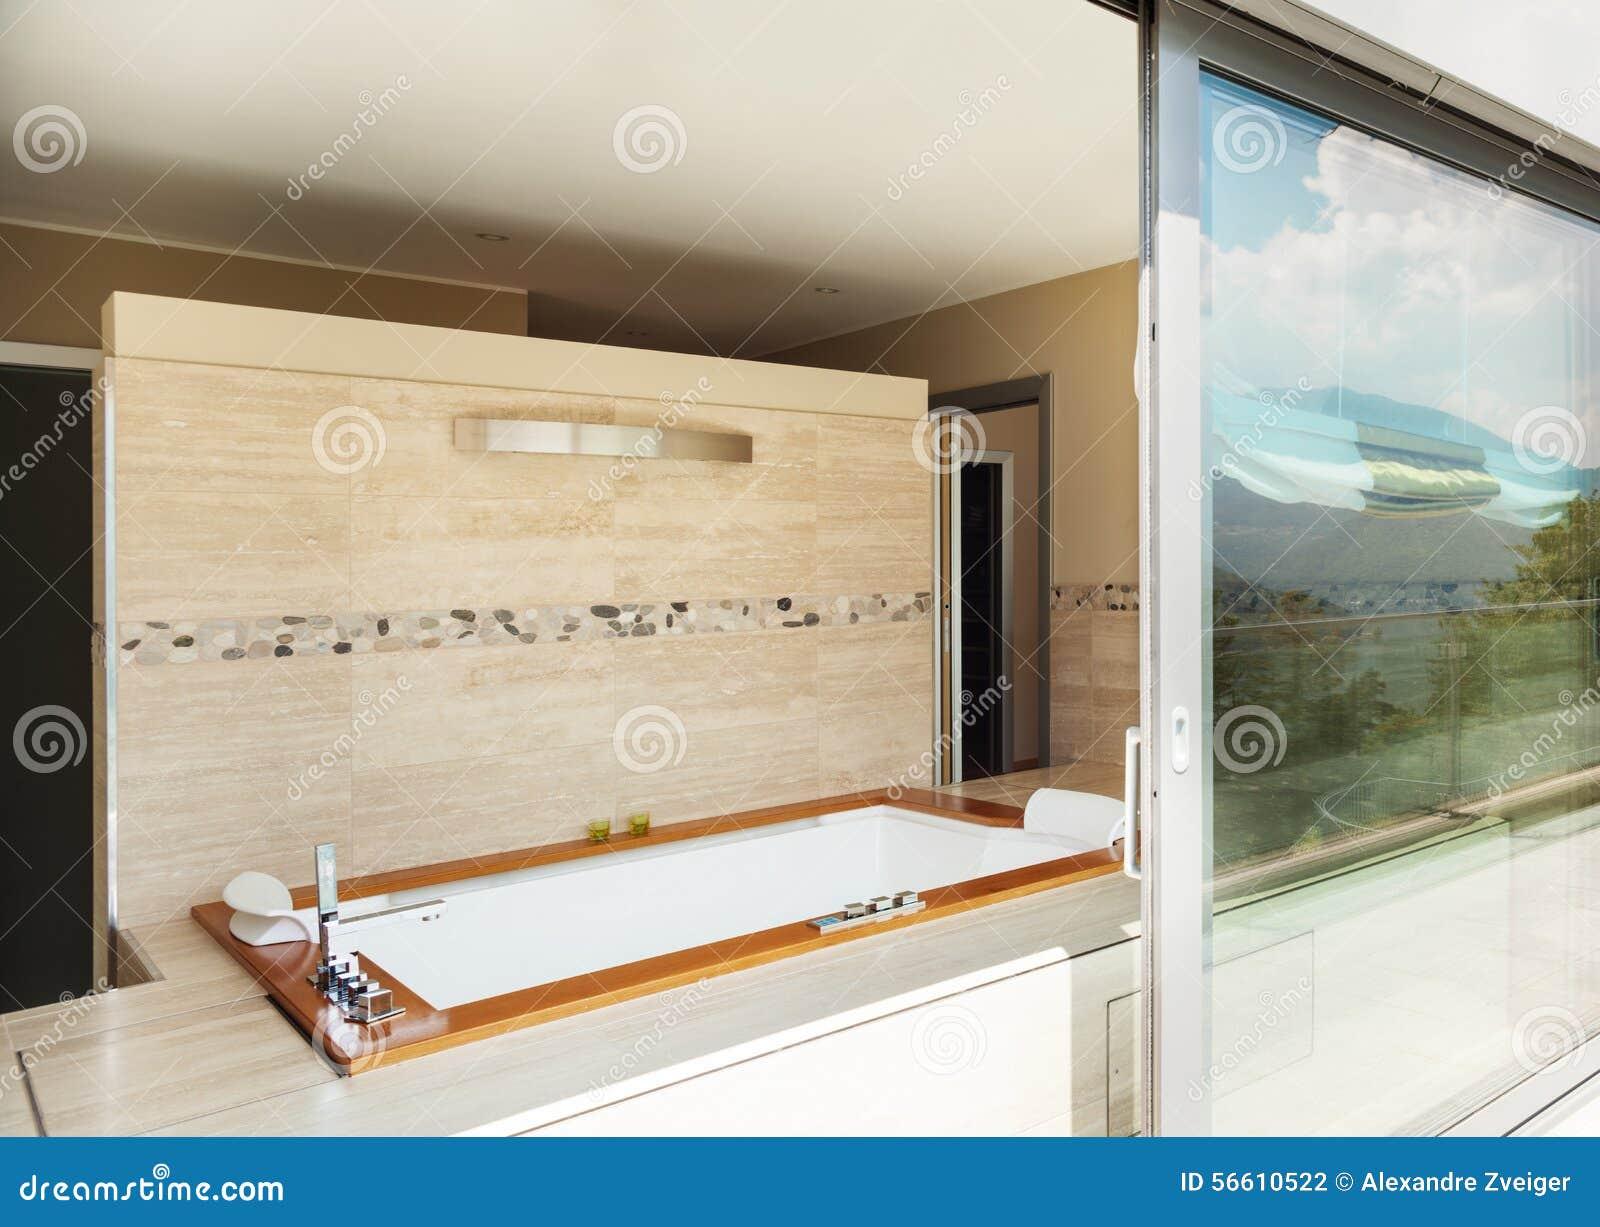 Badezimmer Mit Jacuzzi Von Der Terrasse Stockfoto Bild Von Marmor